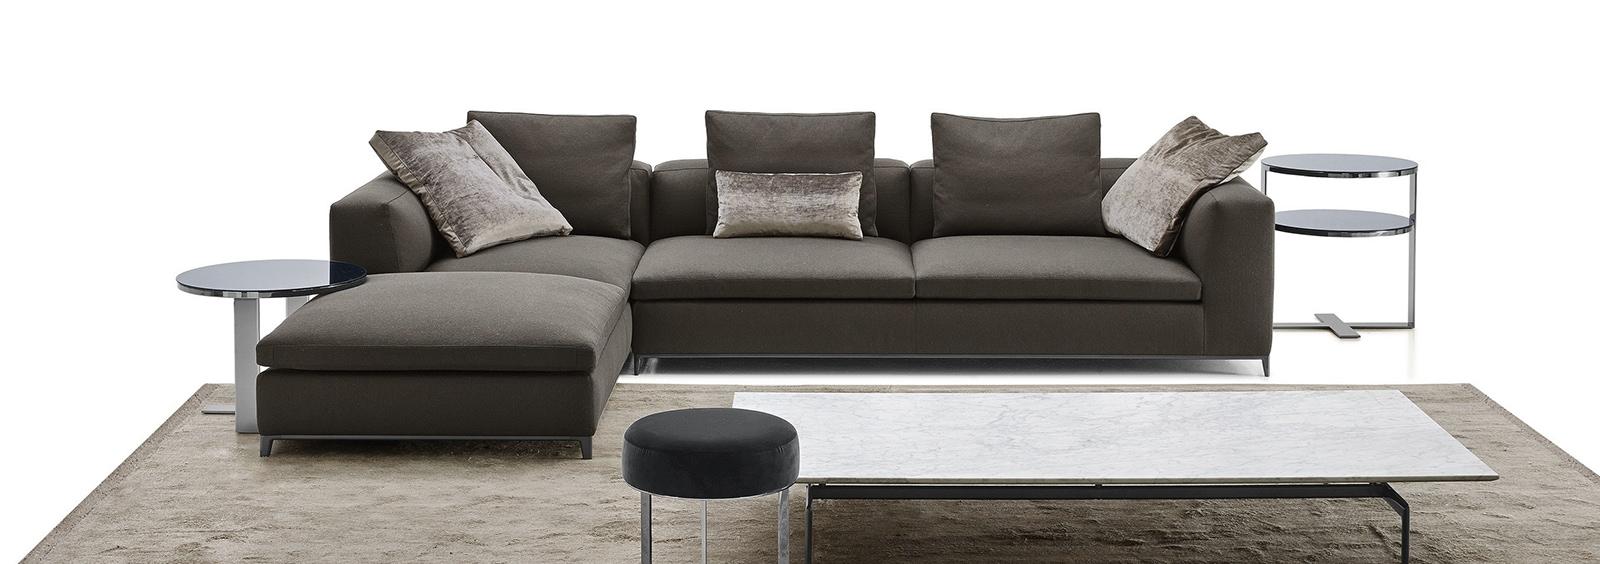 10 divani letto di design for Divani di design